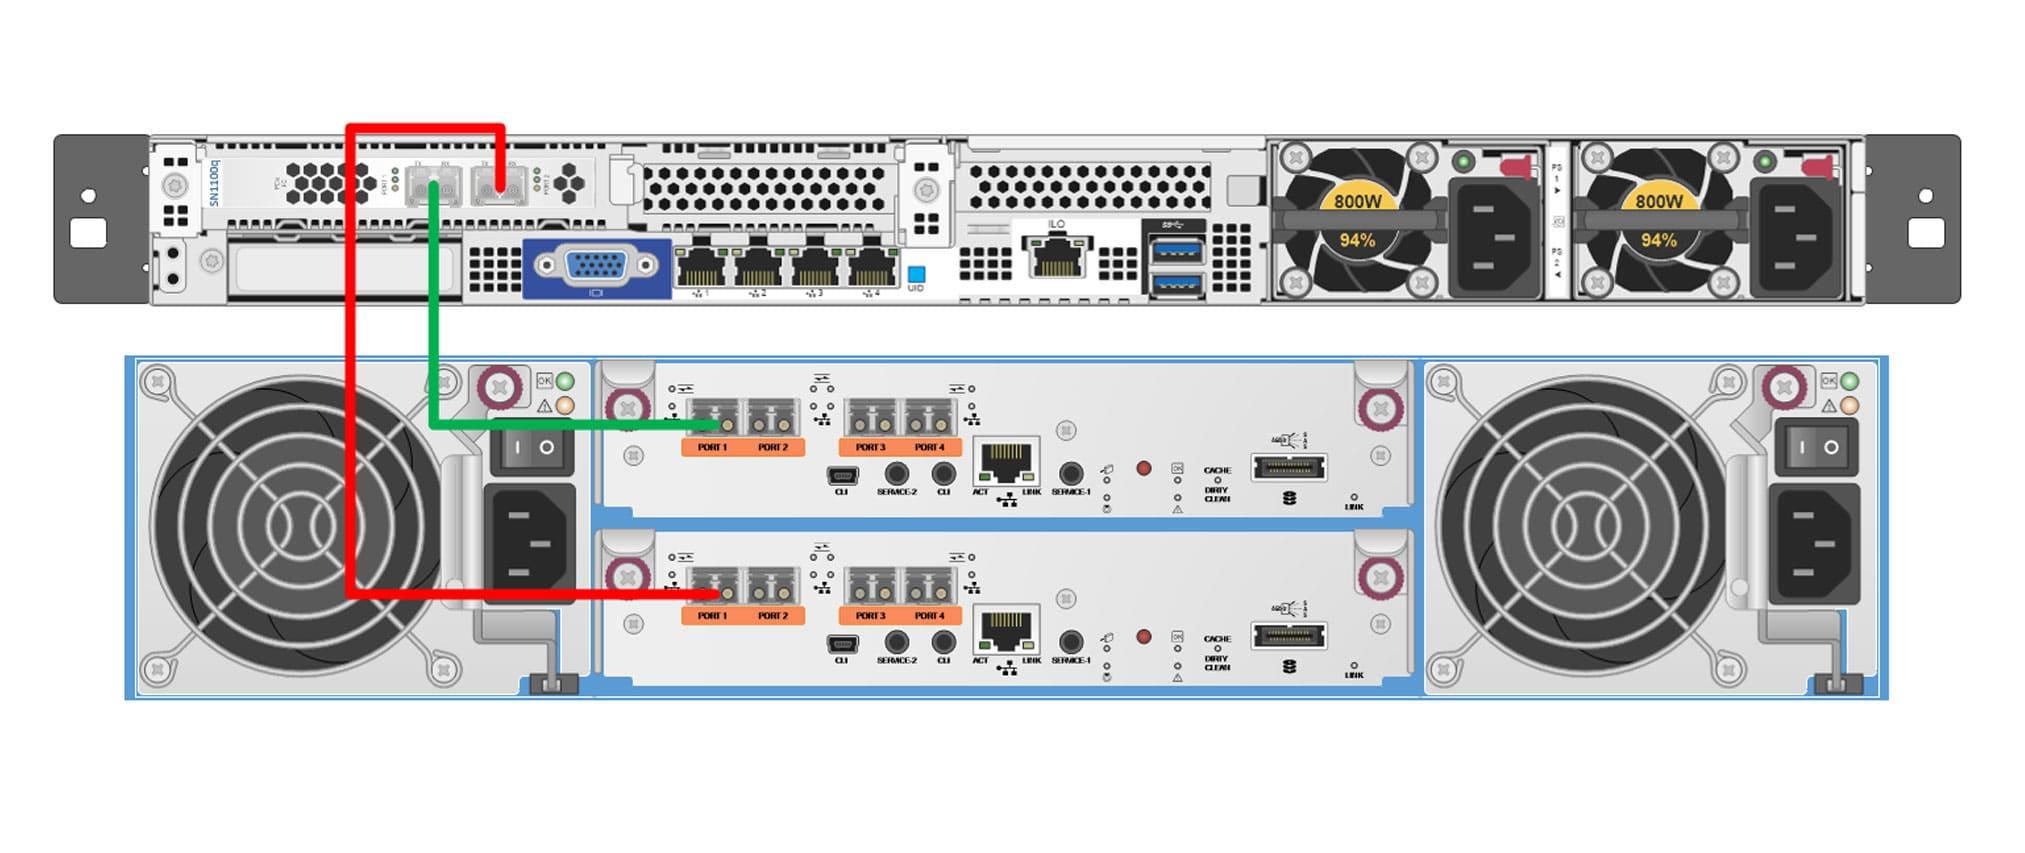 HPE-DL325-Gen10-MSA2050-Bundle-Rear-1